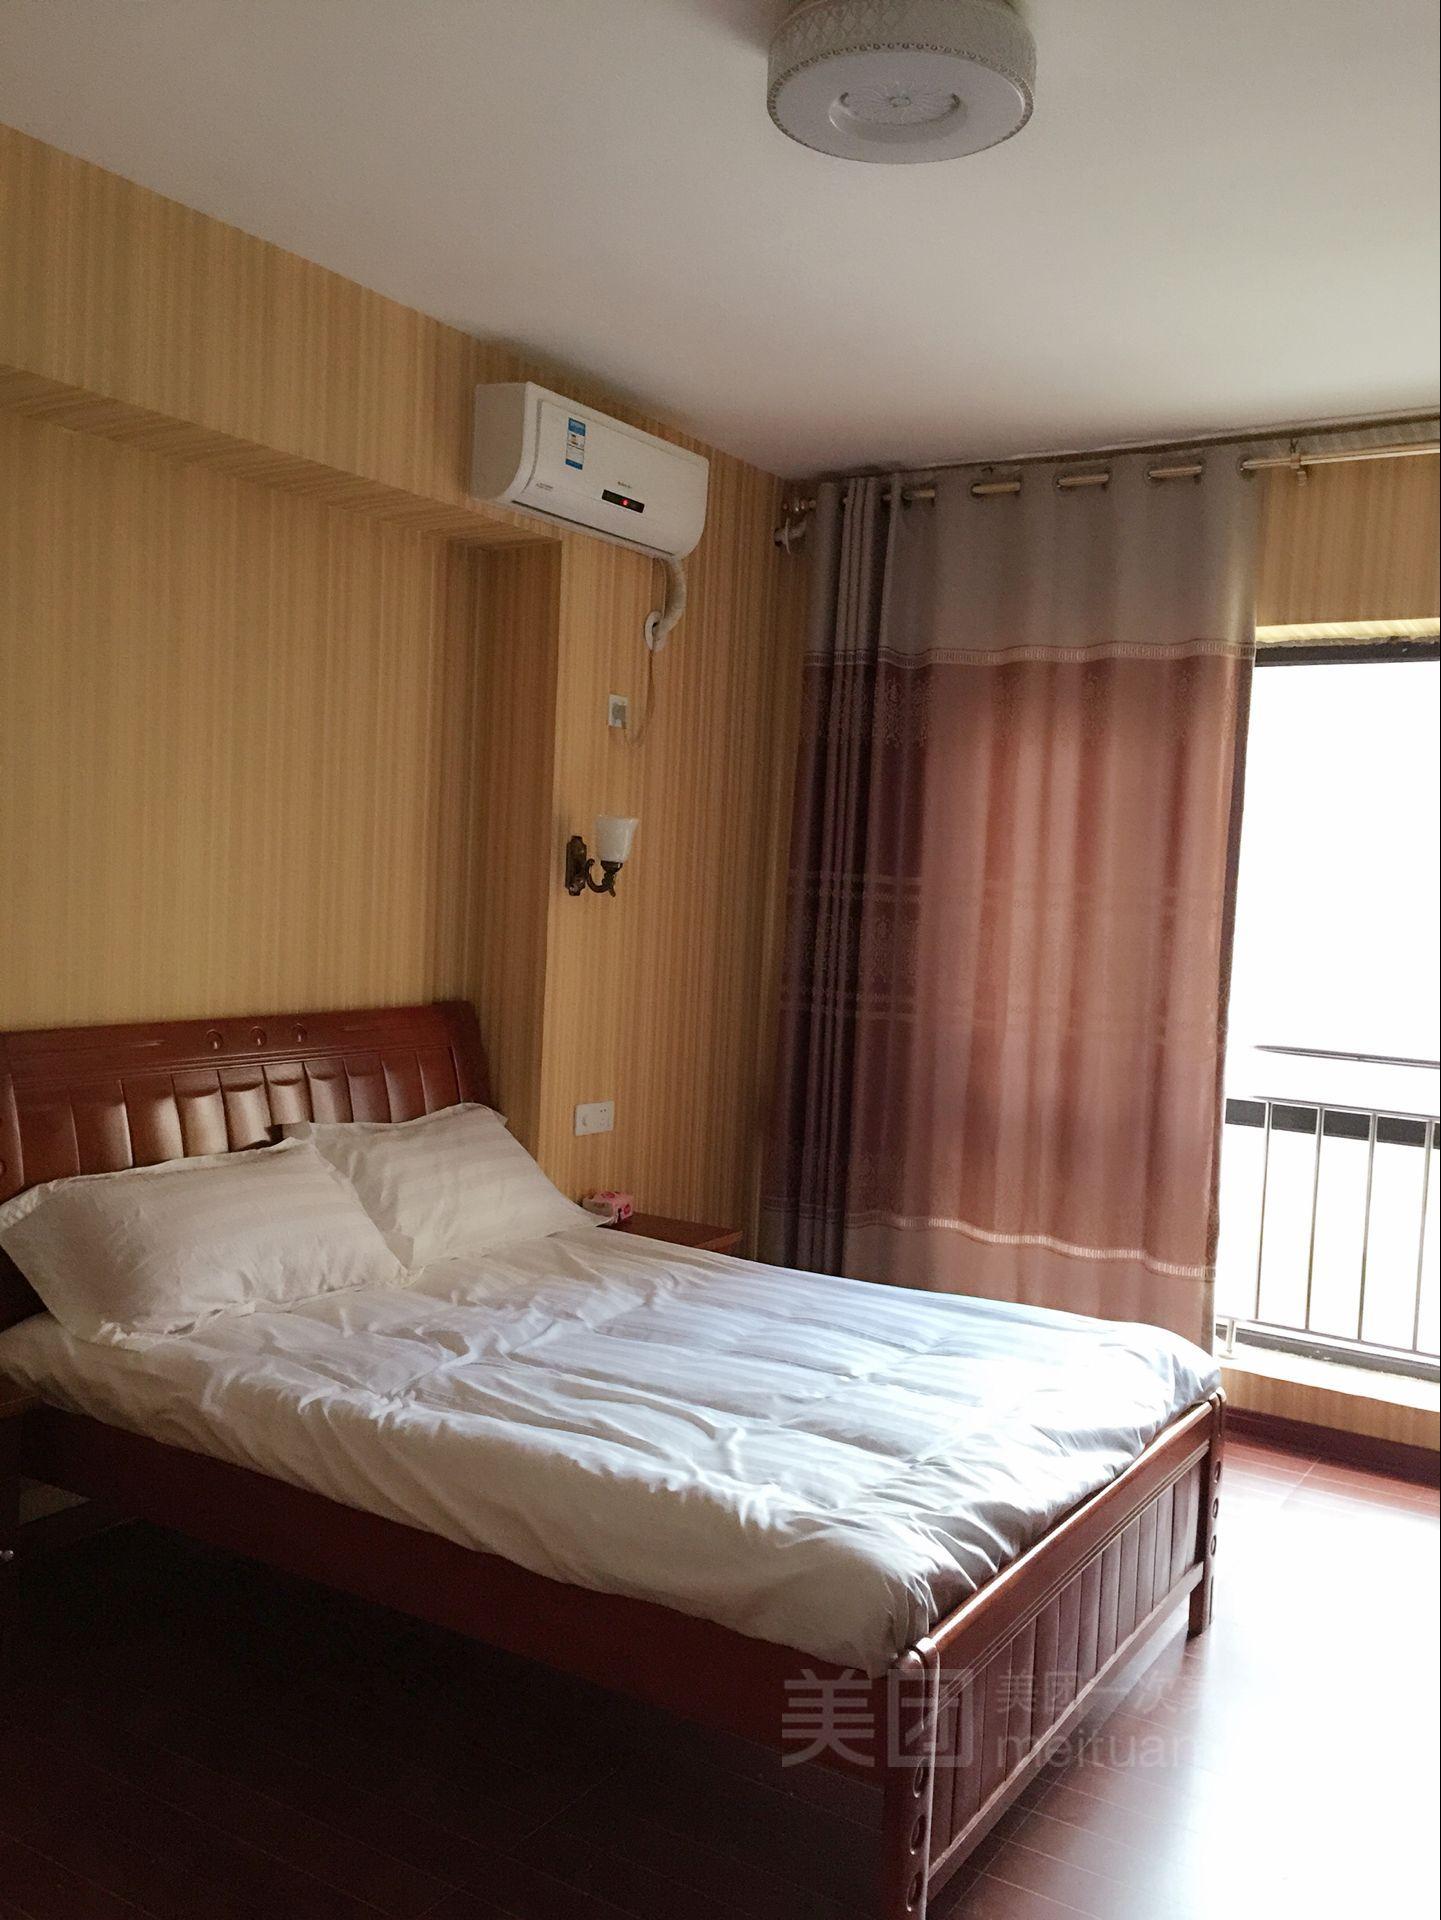 168公寓(长乐国际机场店)预订/团购